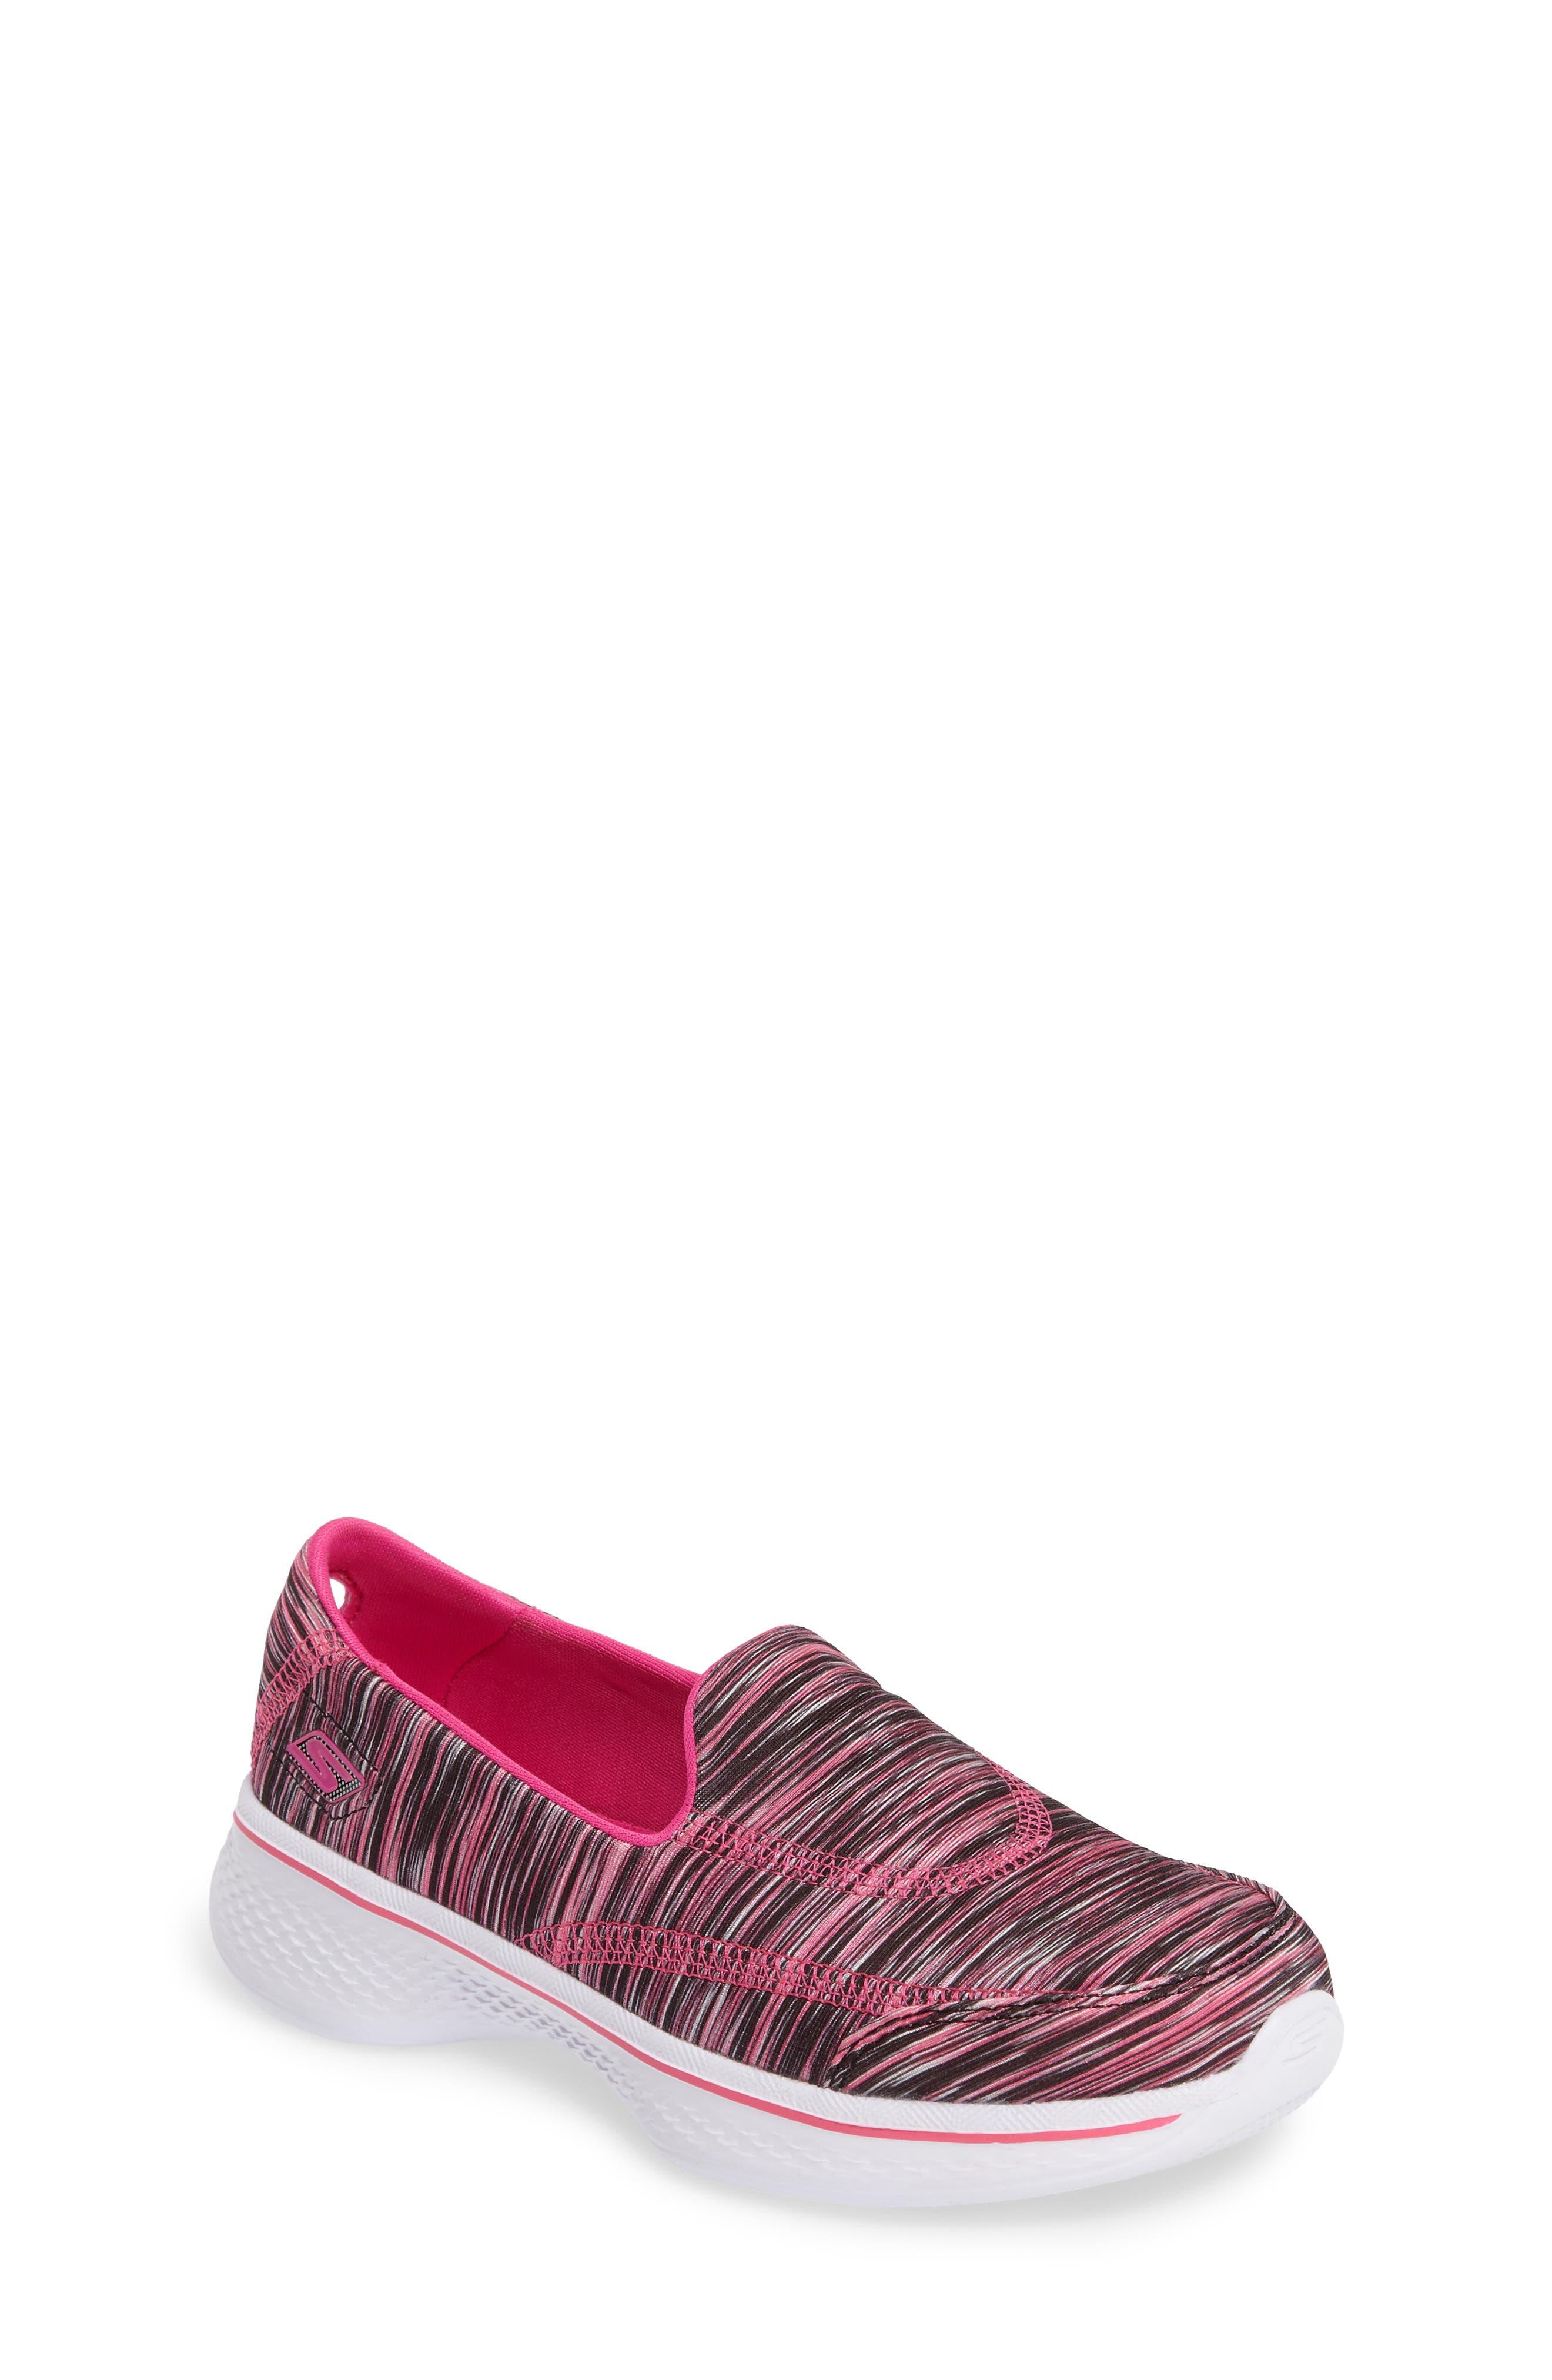 Skechers Go Walk 4 Slip-On Sneaker (Toddler, Little Kid & Big Kid)